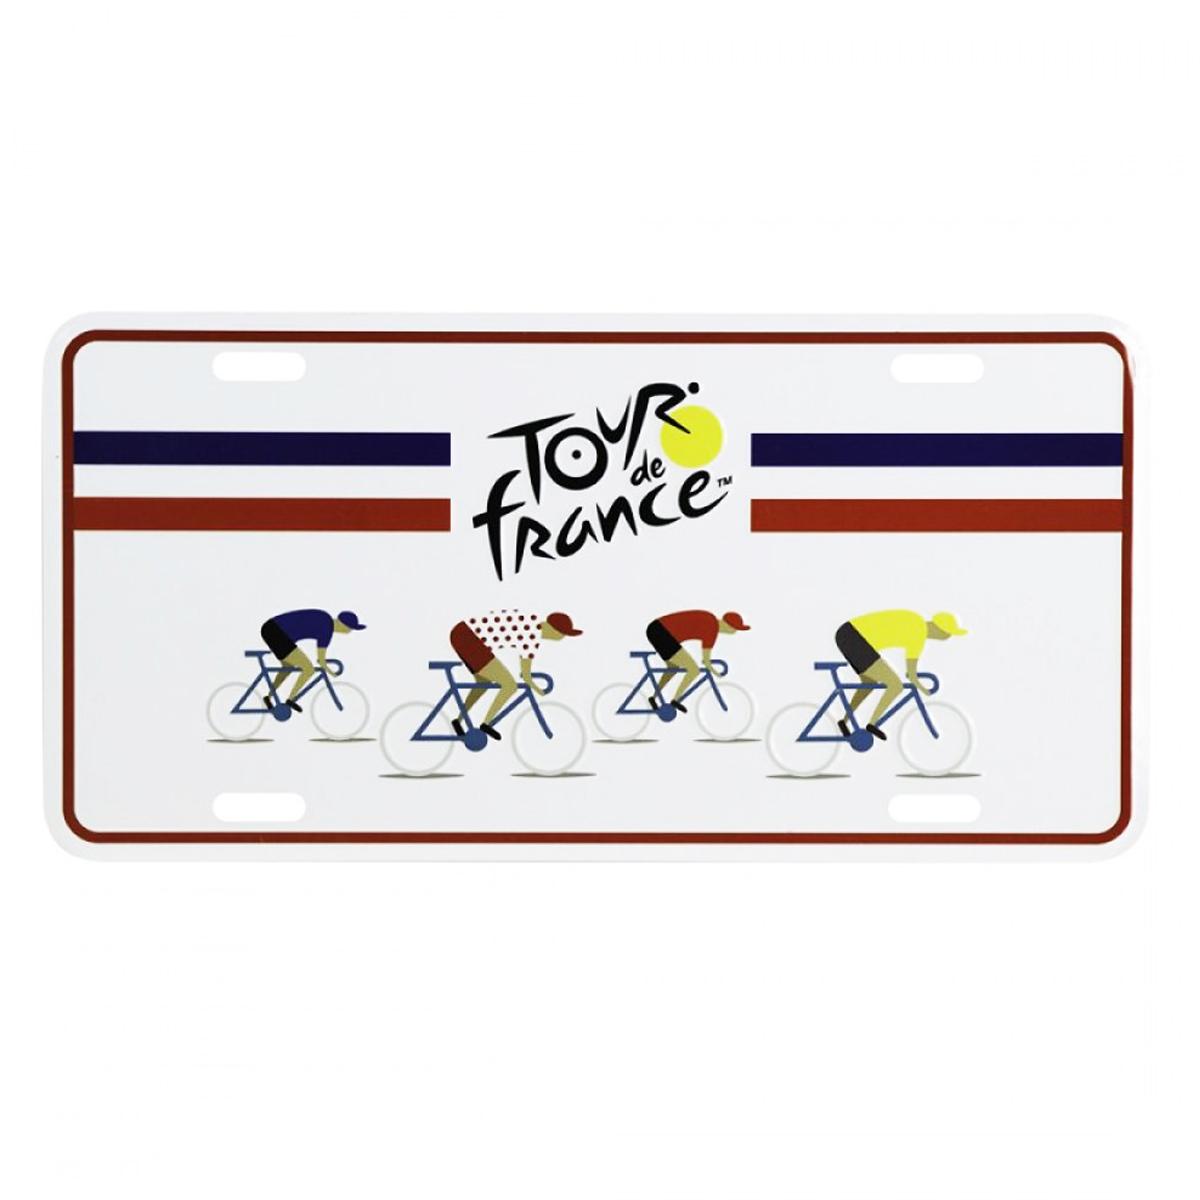 Plaque métal \'Tour de France\' bleu blanc rouge - 30x15 cm - [A1952]